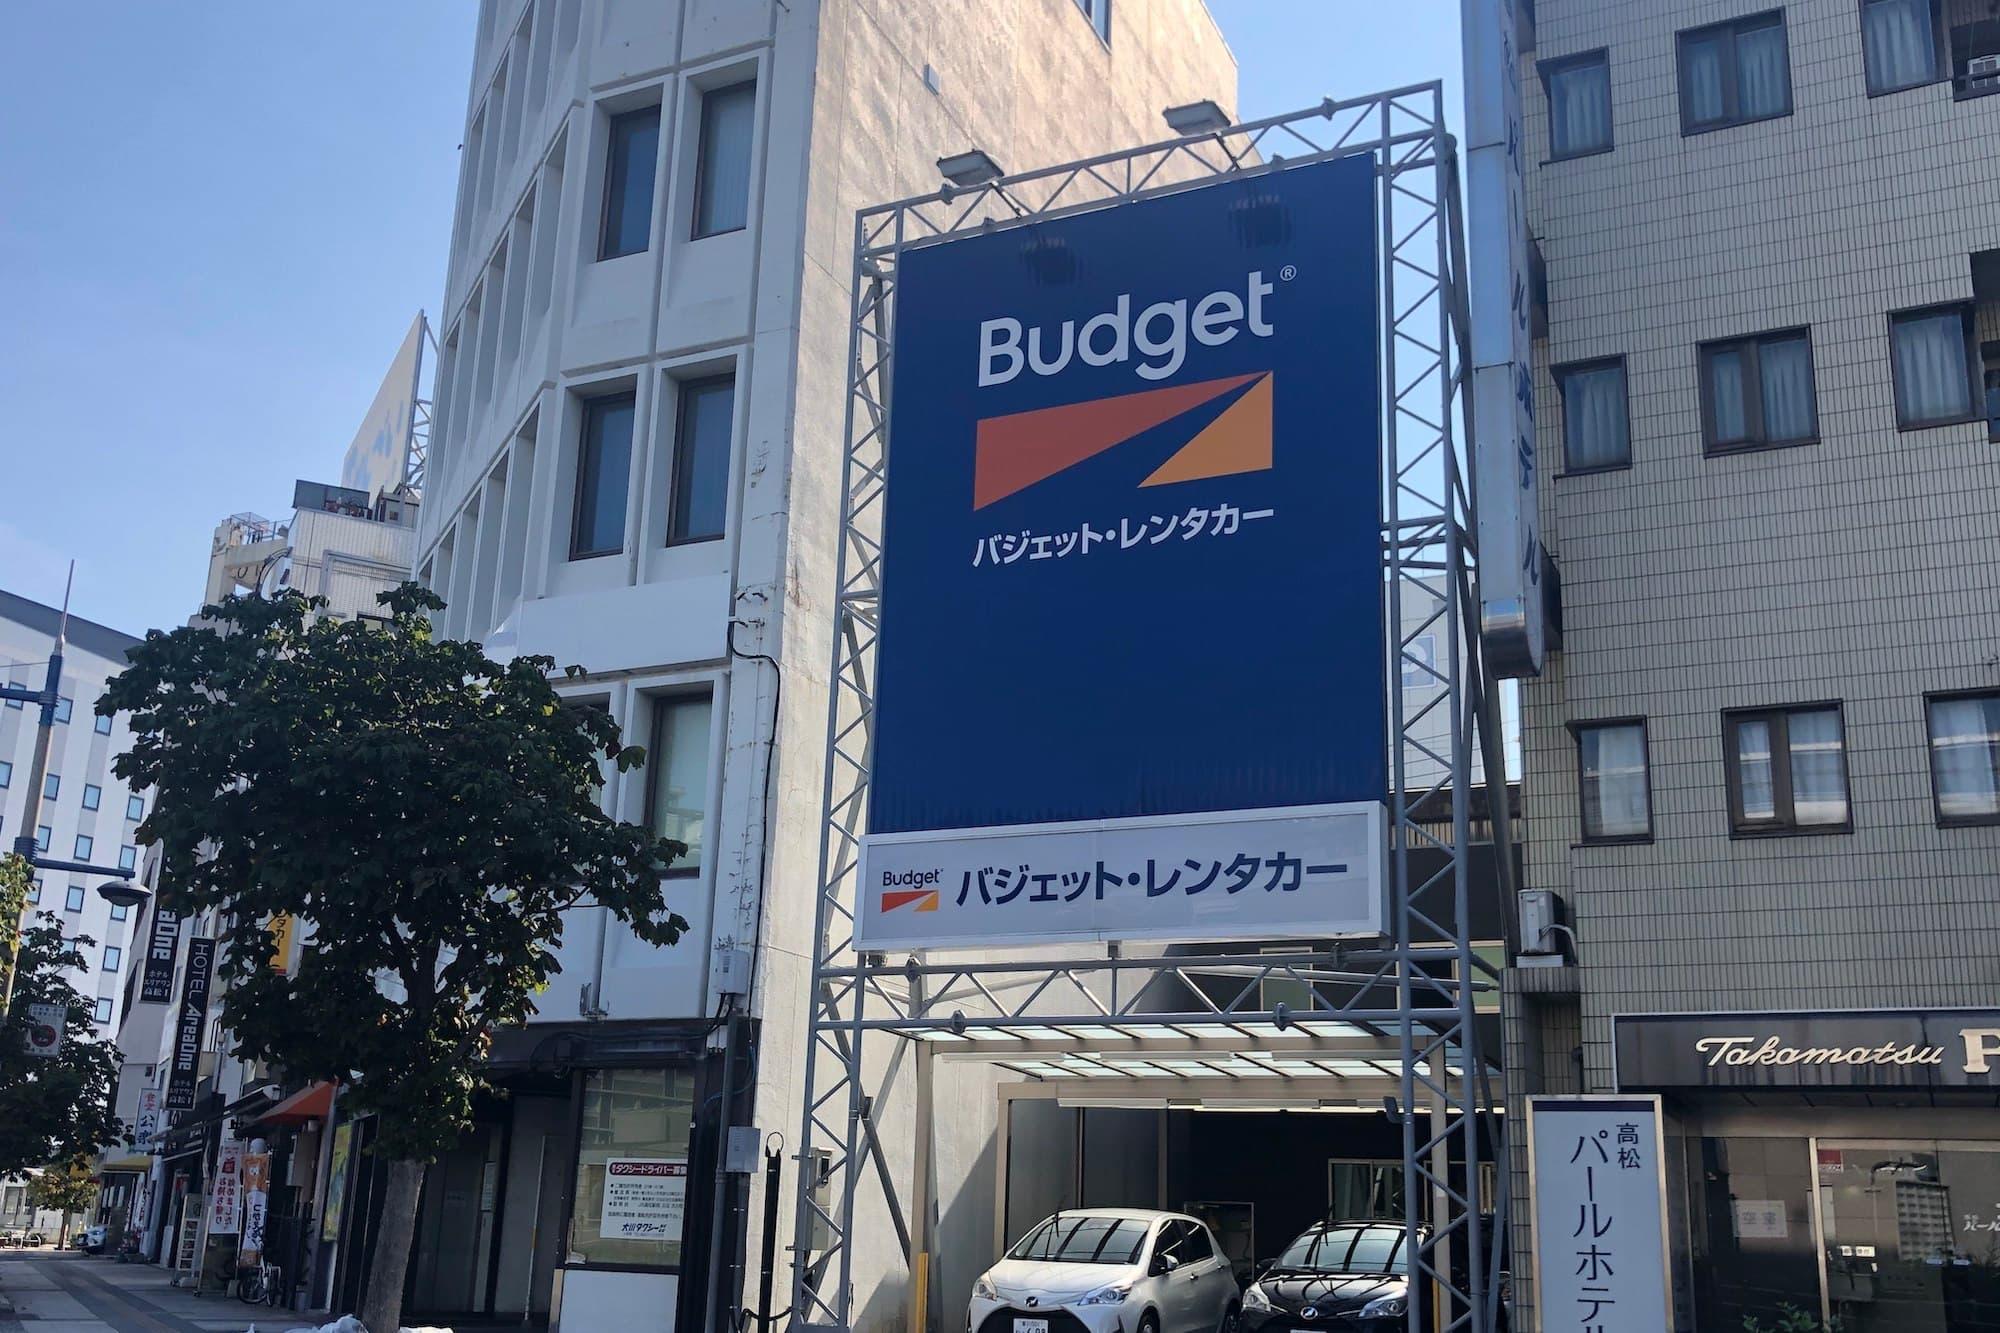 バジェット・レンタカー高松駅前店